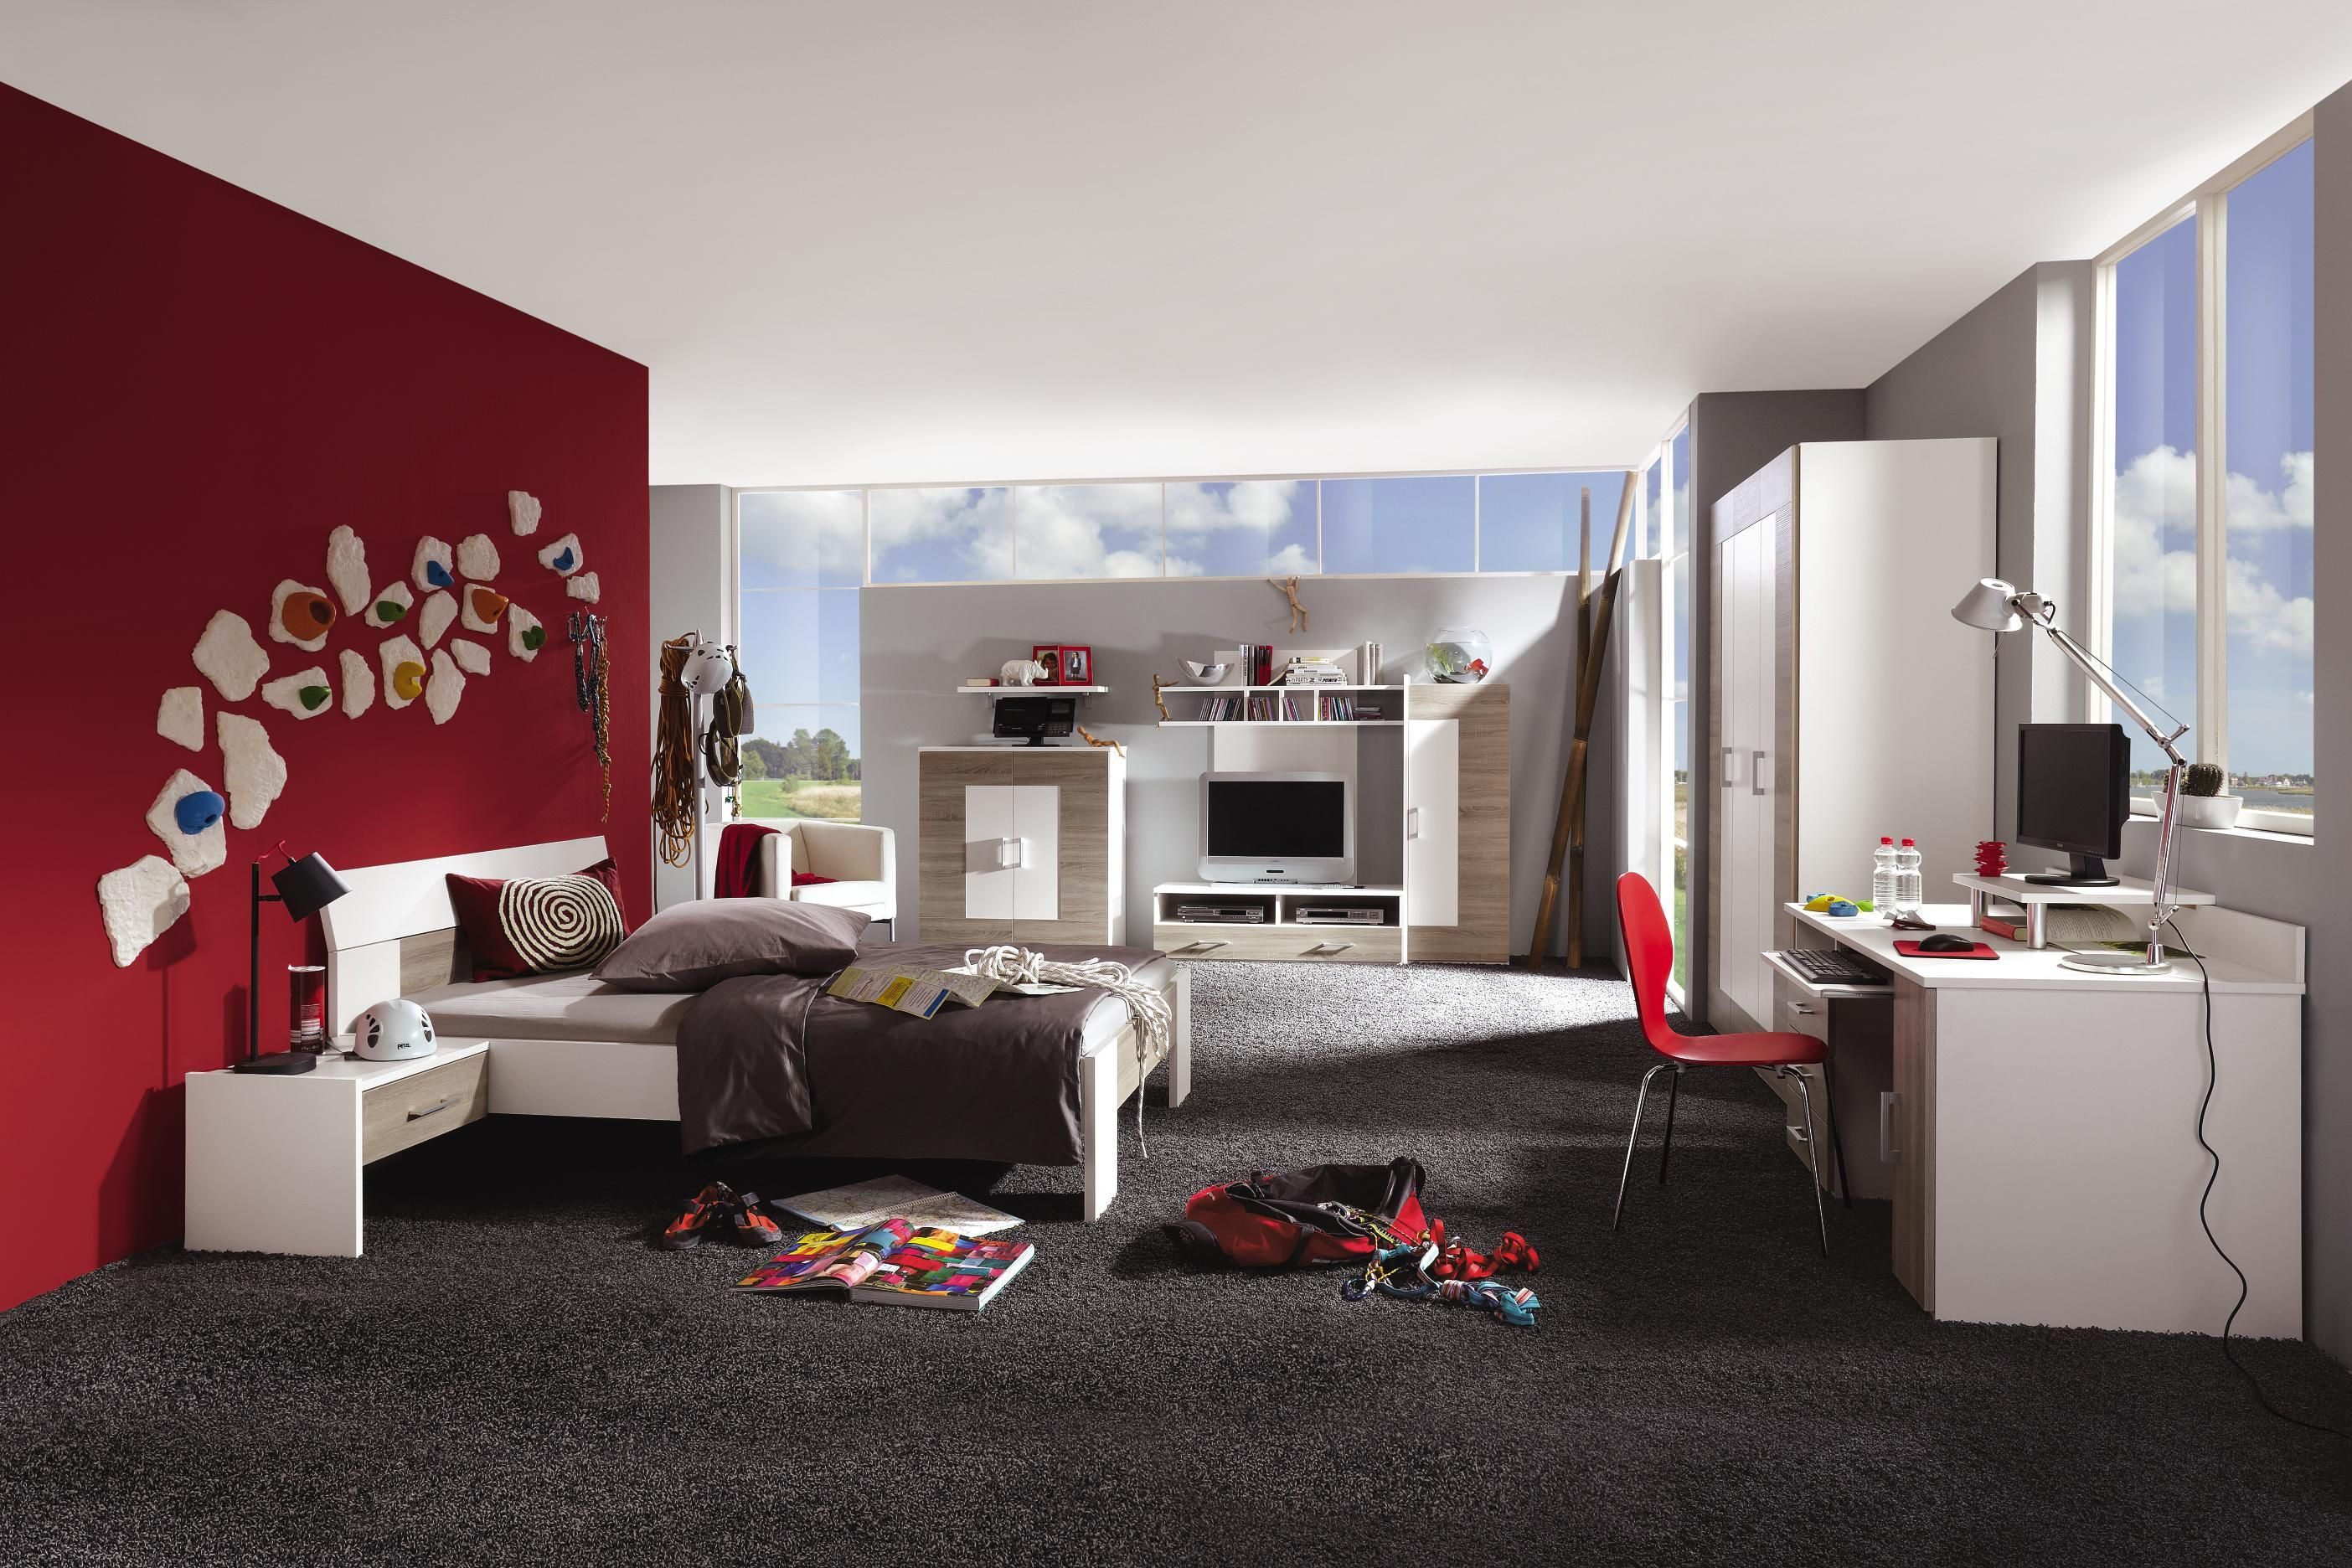 jugendzimmer von cantus kinder und jugendzimmer. Black Bedroom Furniture Sets. Home Design Ideas